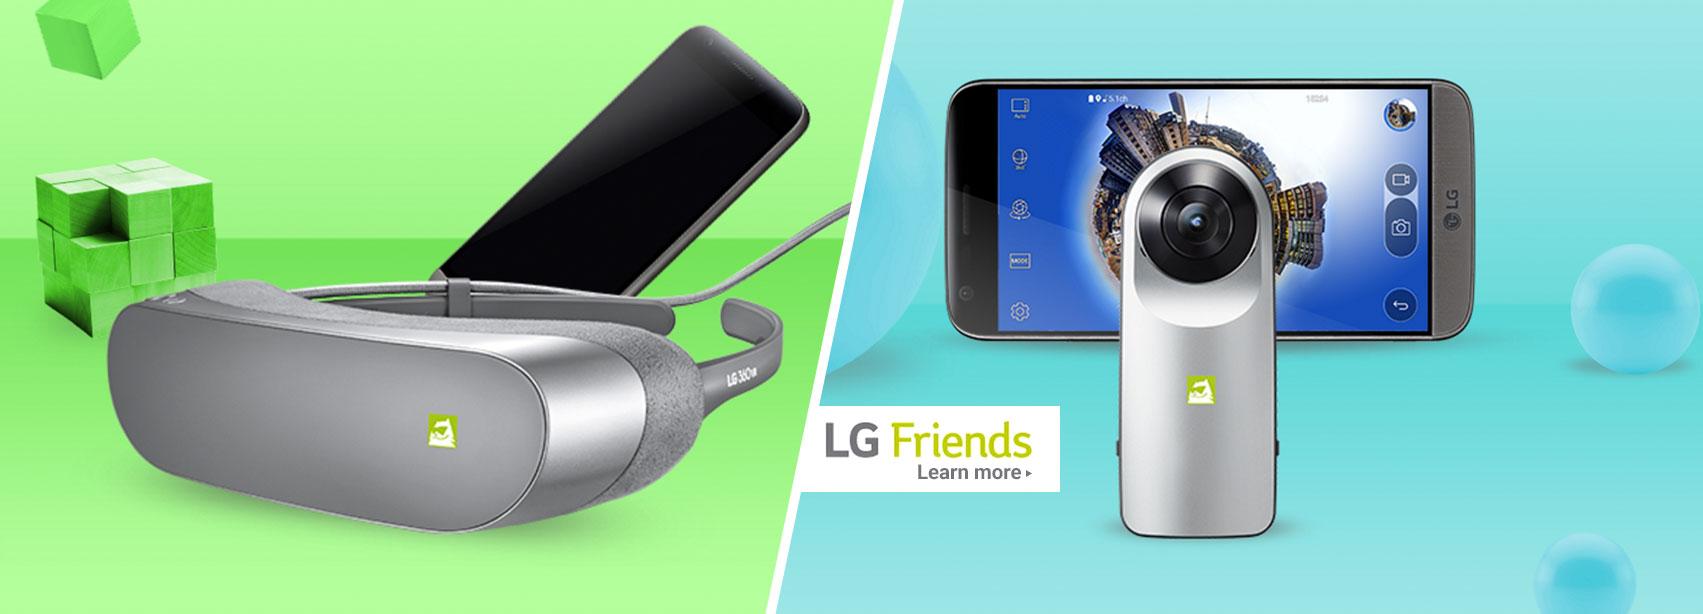 LG Friends